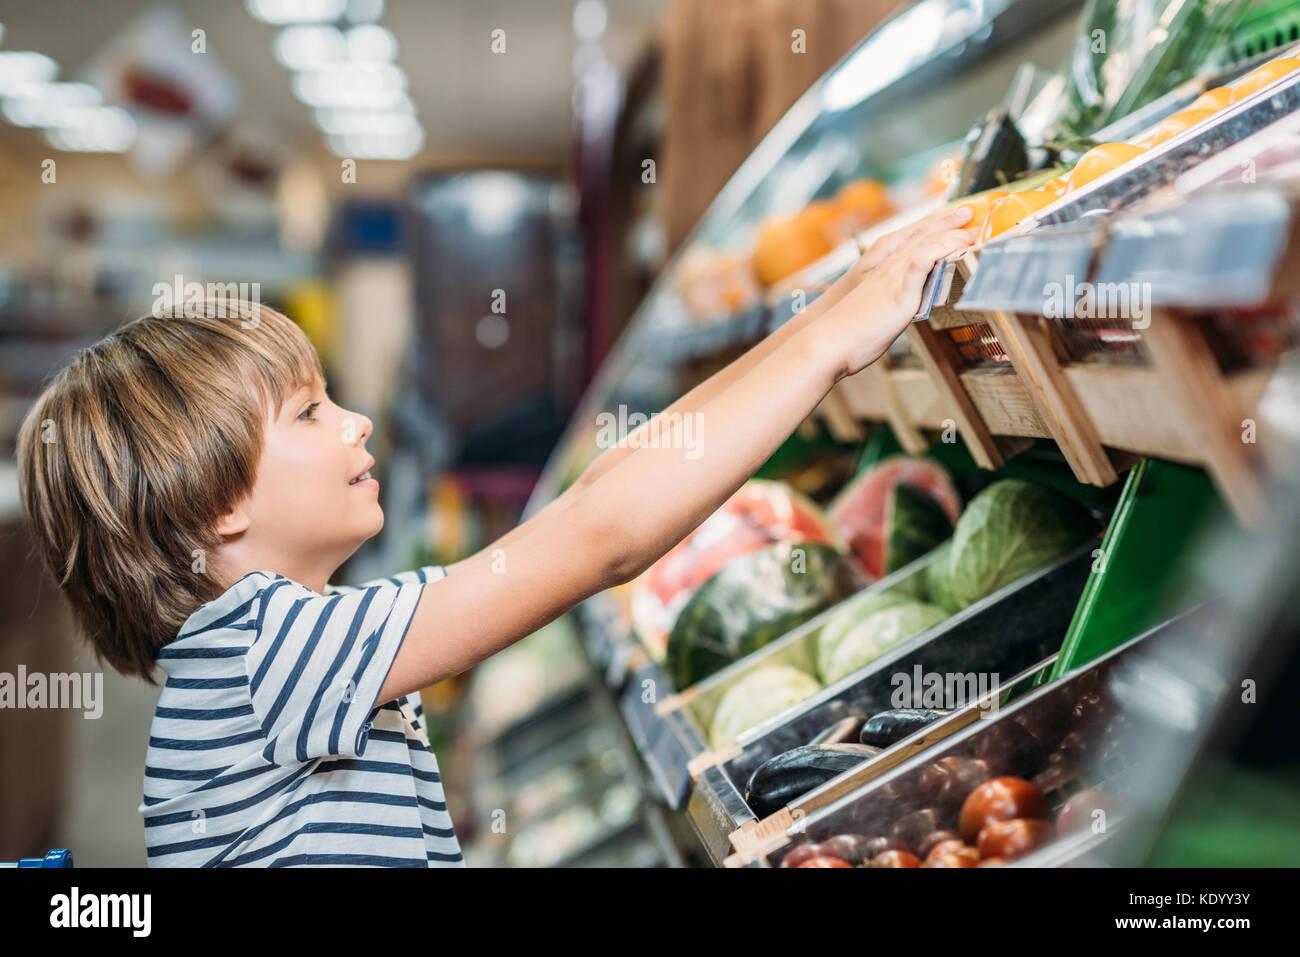 Chico eligiendo alimentos en tienda Foto de stock